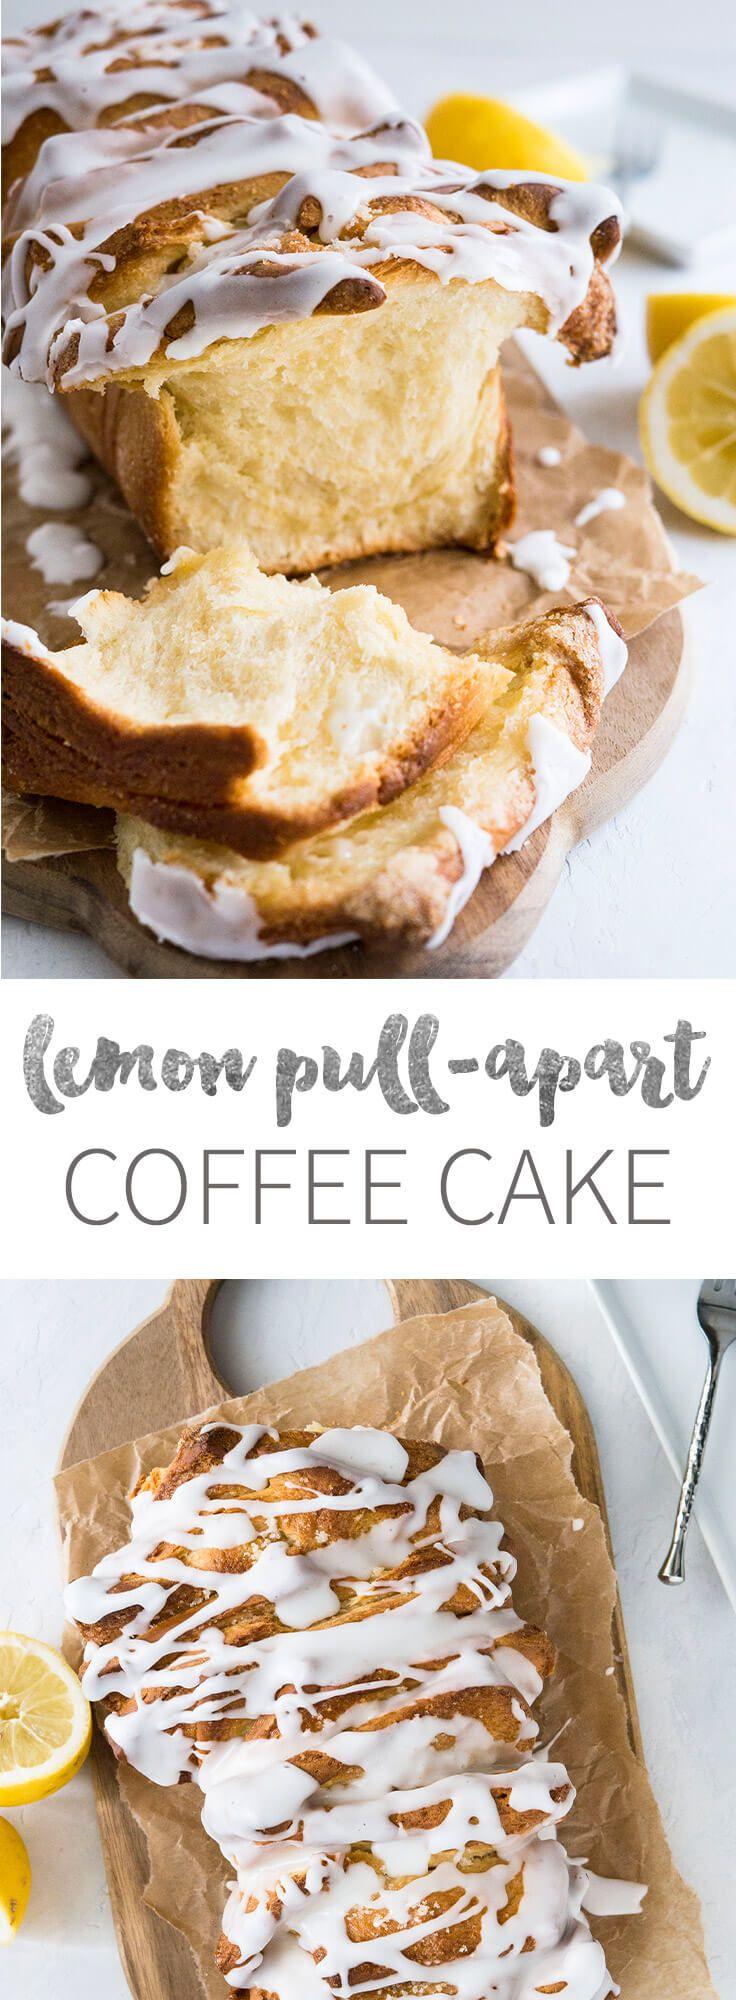 레몬 풀 아파트 커피 케이크